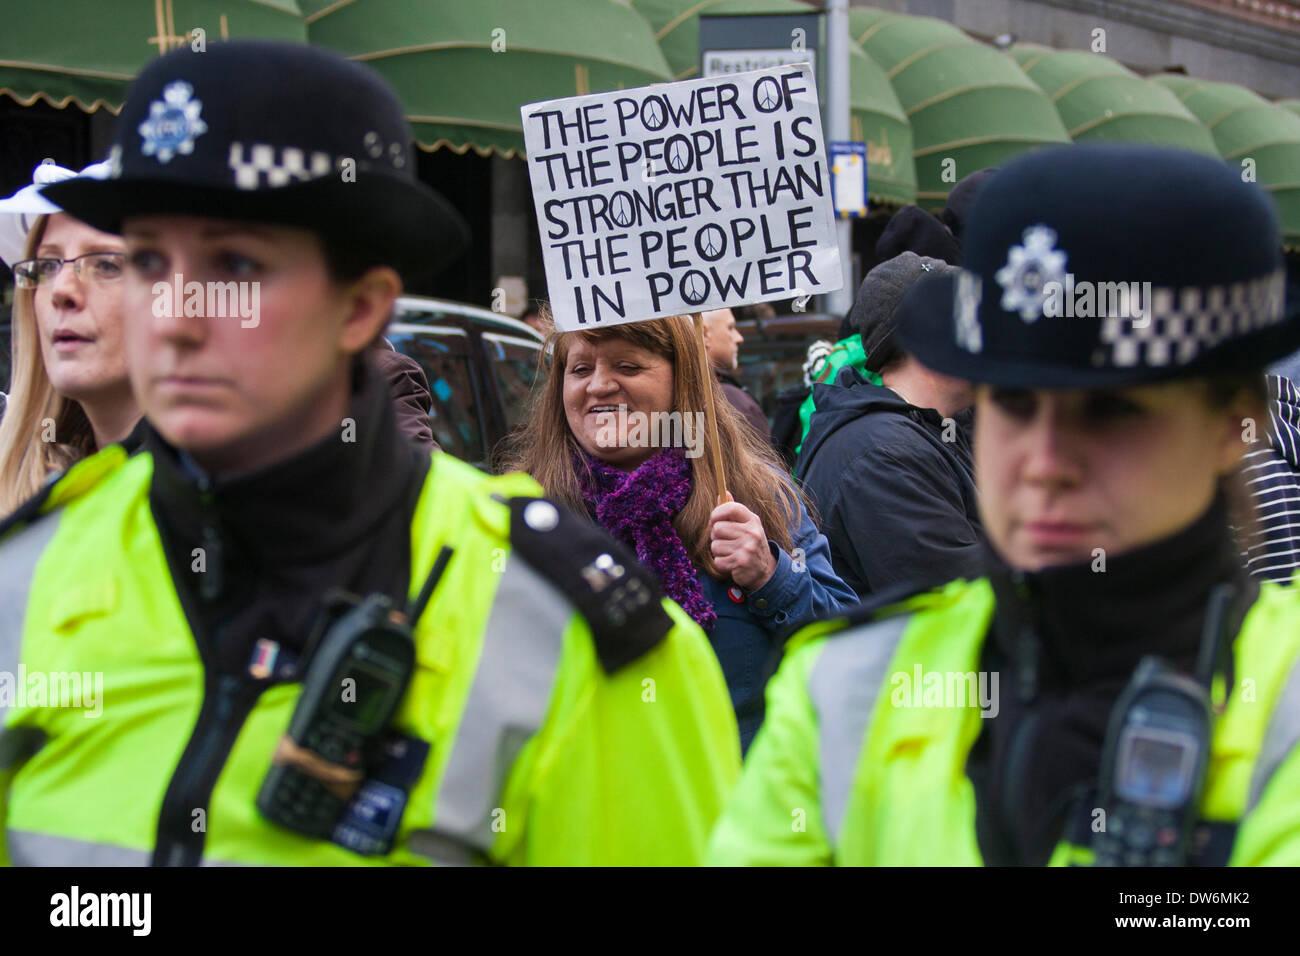 Londres, 1er mars 2014. Londres mars contre la corruption du gouvernement. Photo: une femme de pneu et effectué Banque D'Images